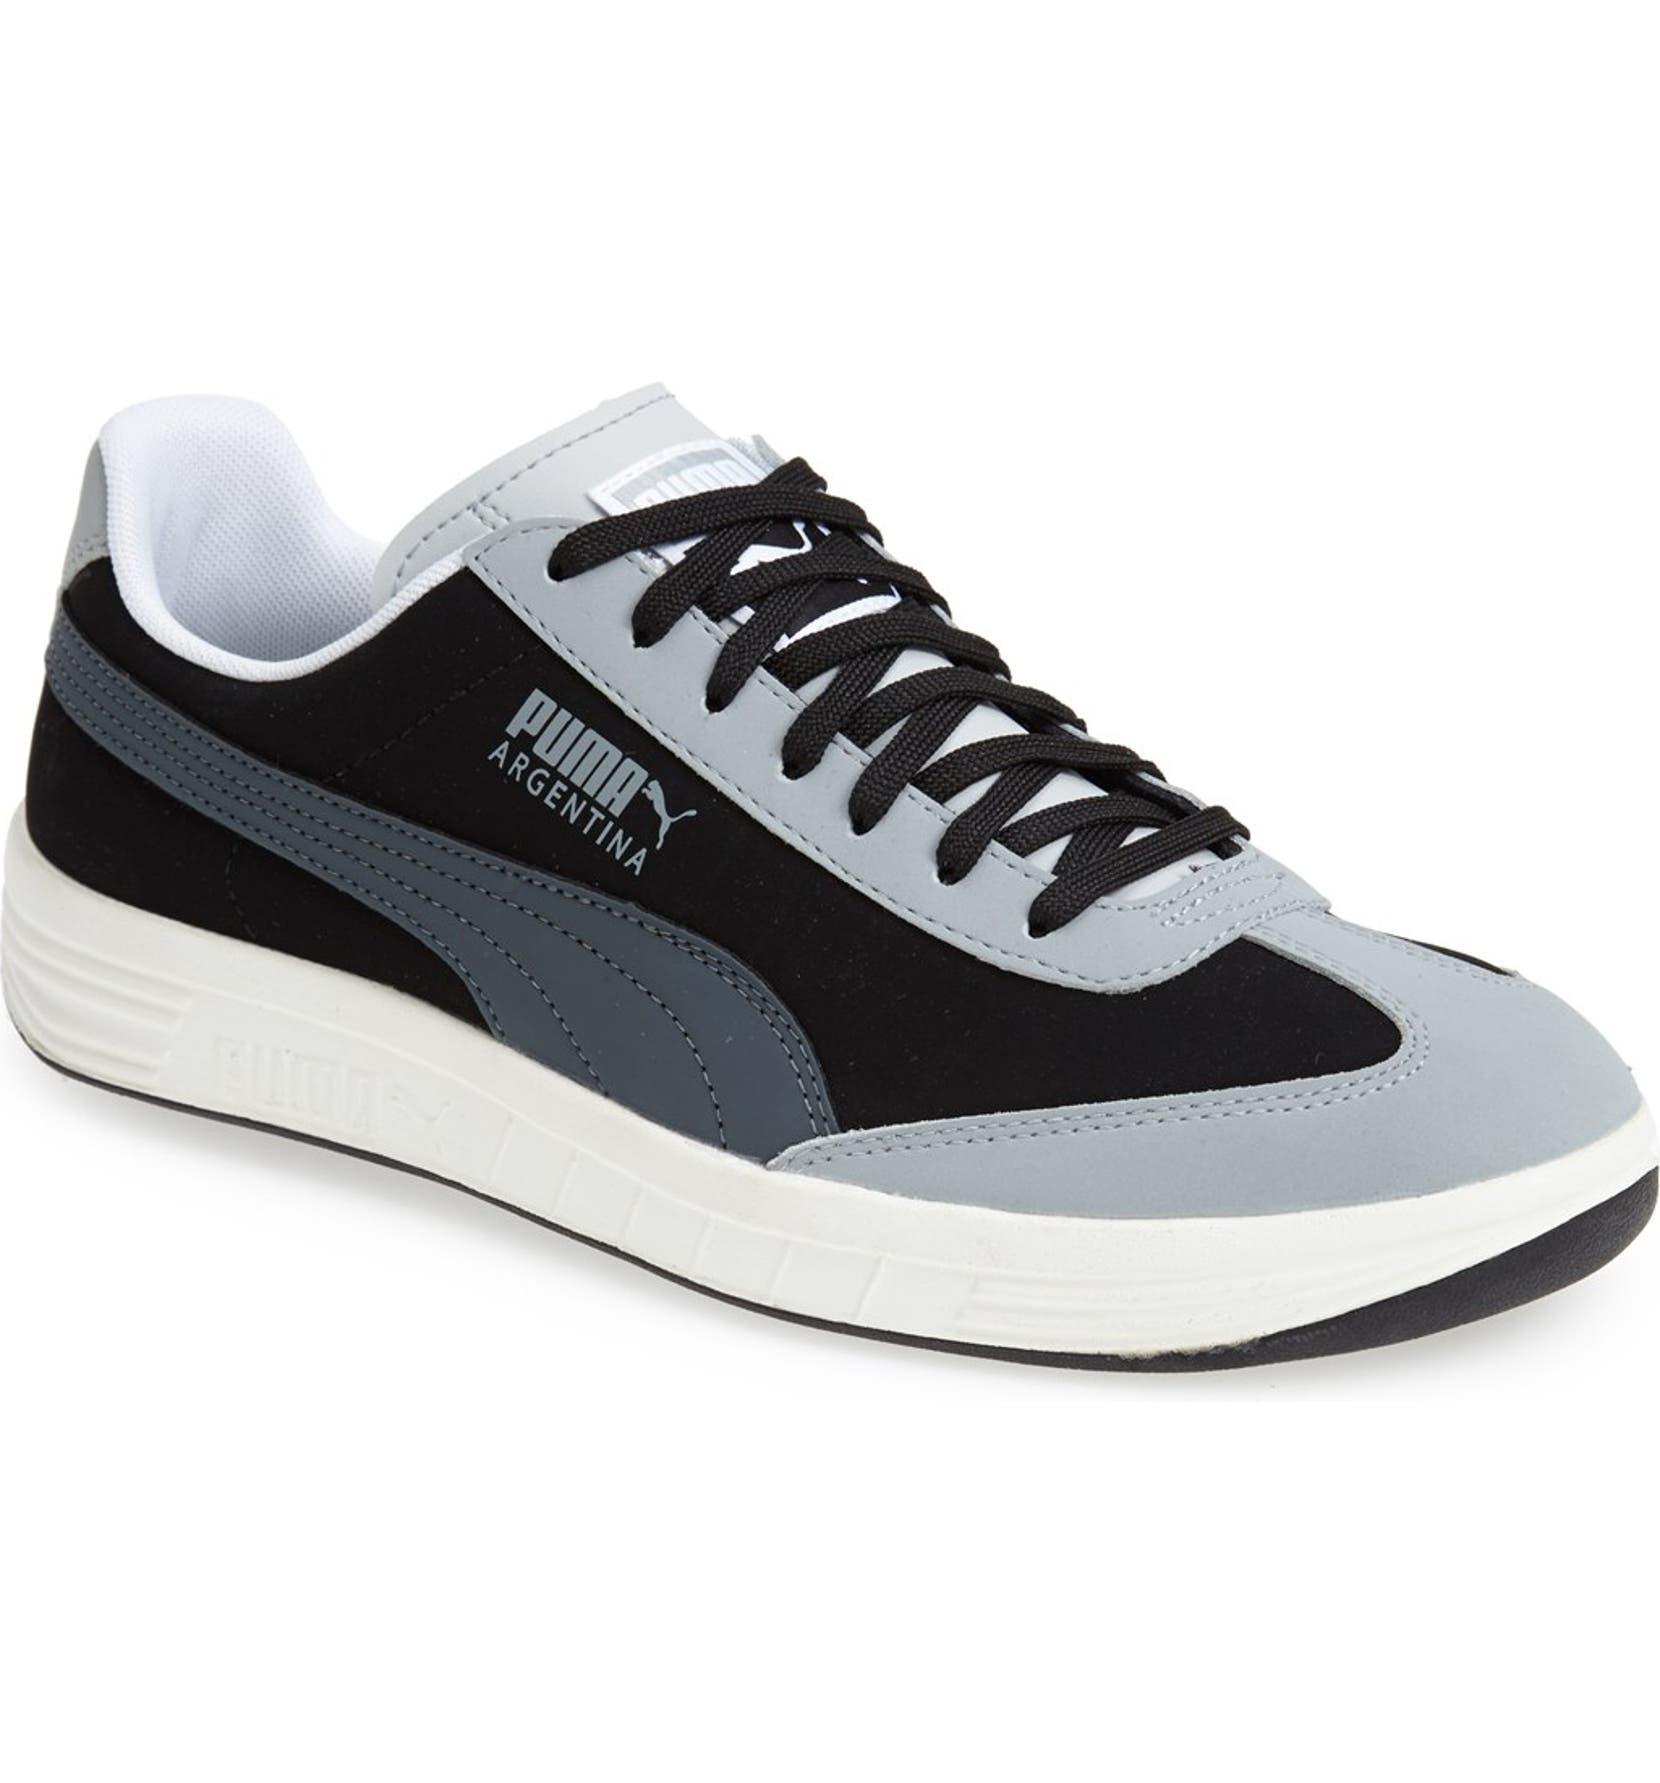 PUMA  Argentina NBK  Sneaker (Men)  b739f2be7